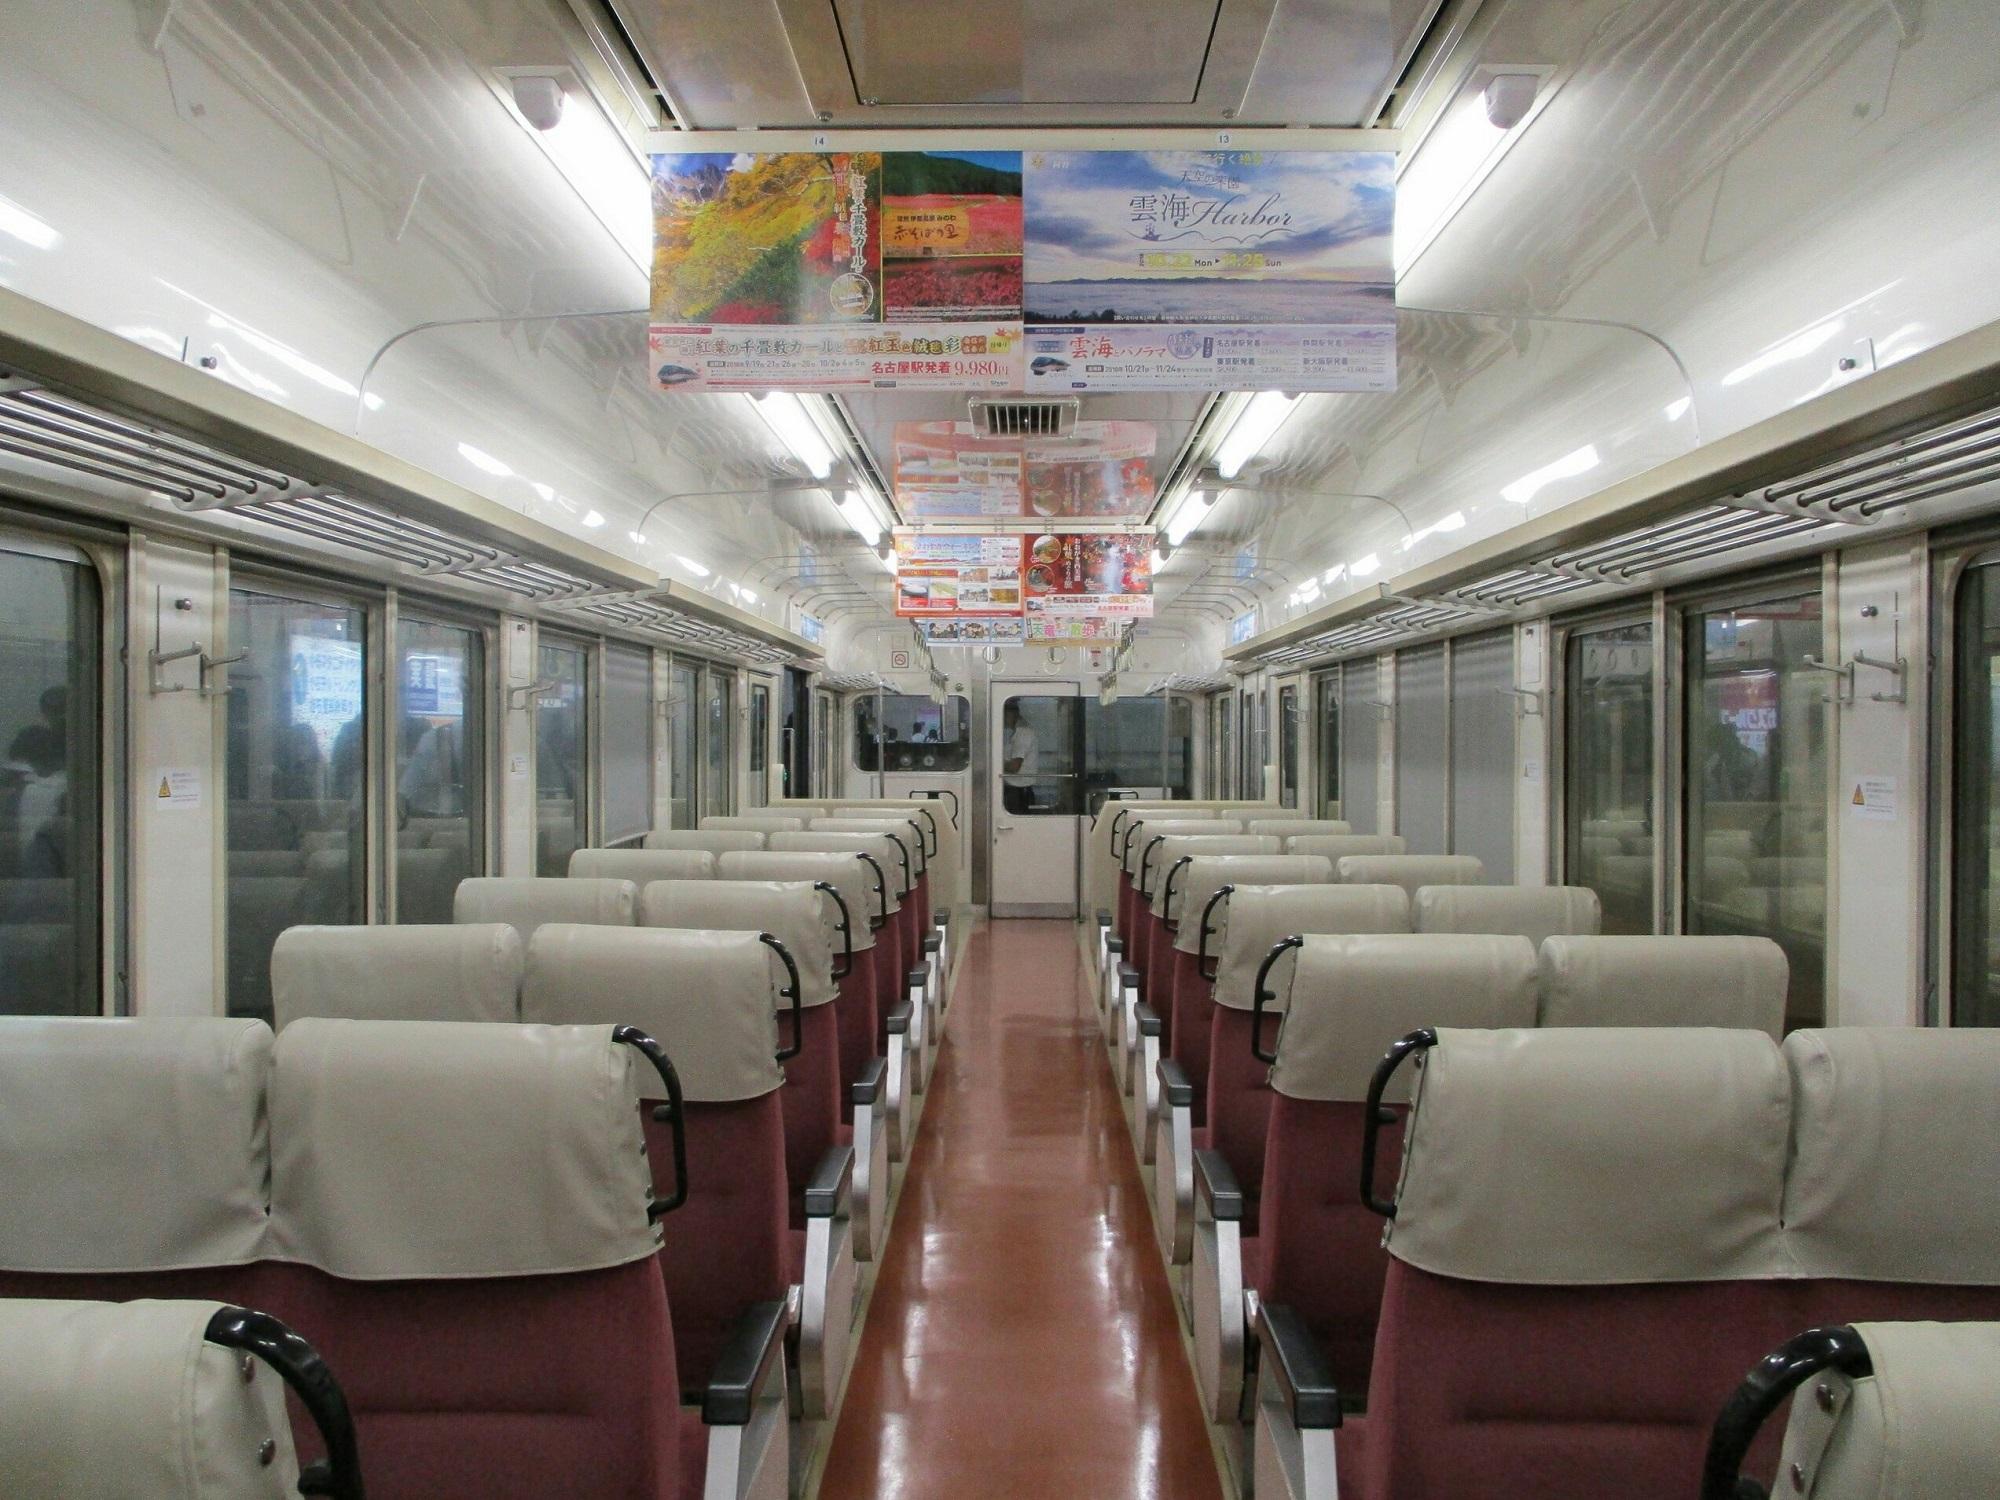 2018.9.20 (123) 豊橋 - 豊橋いきふつう 2000-1500